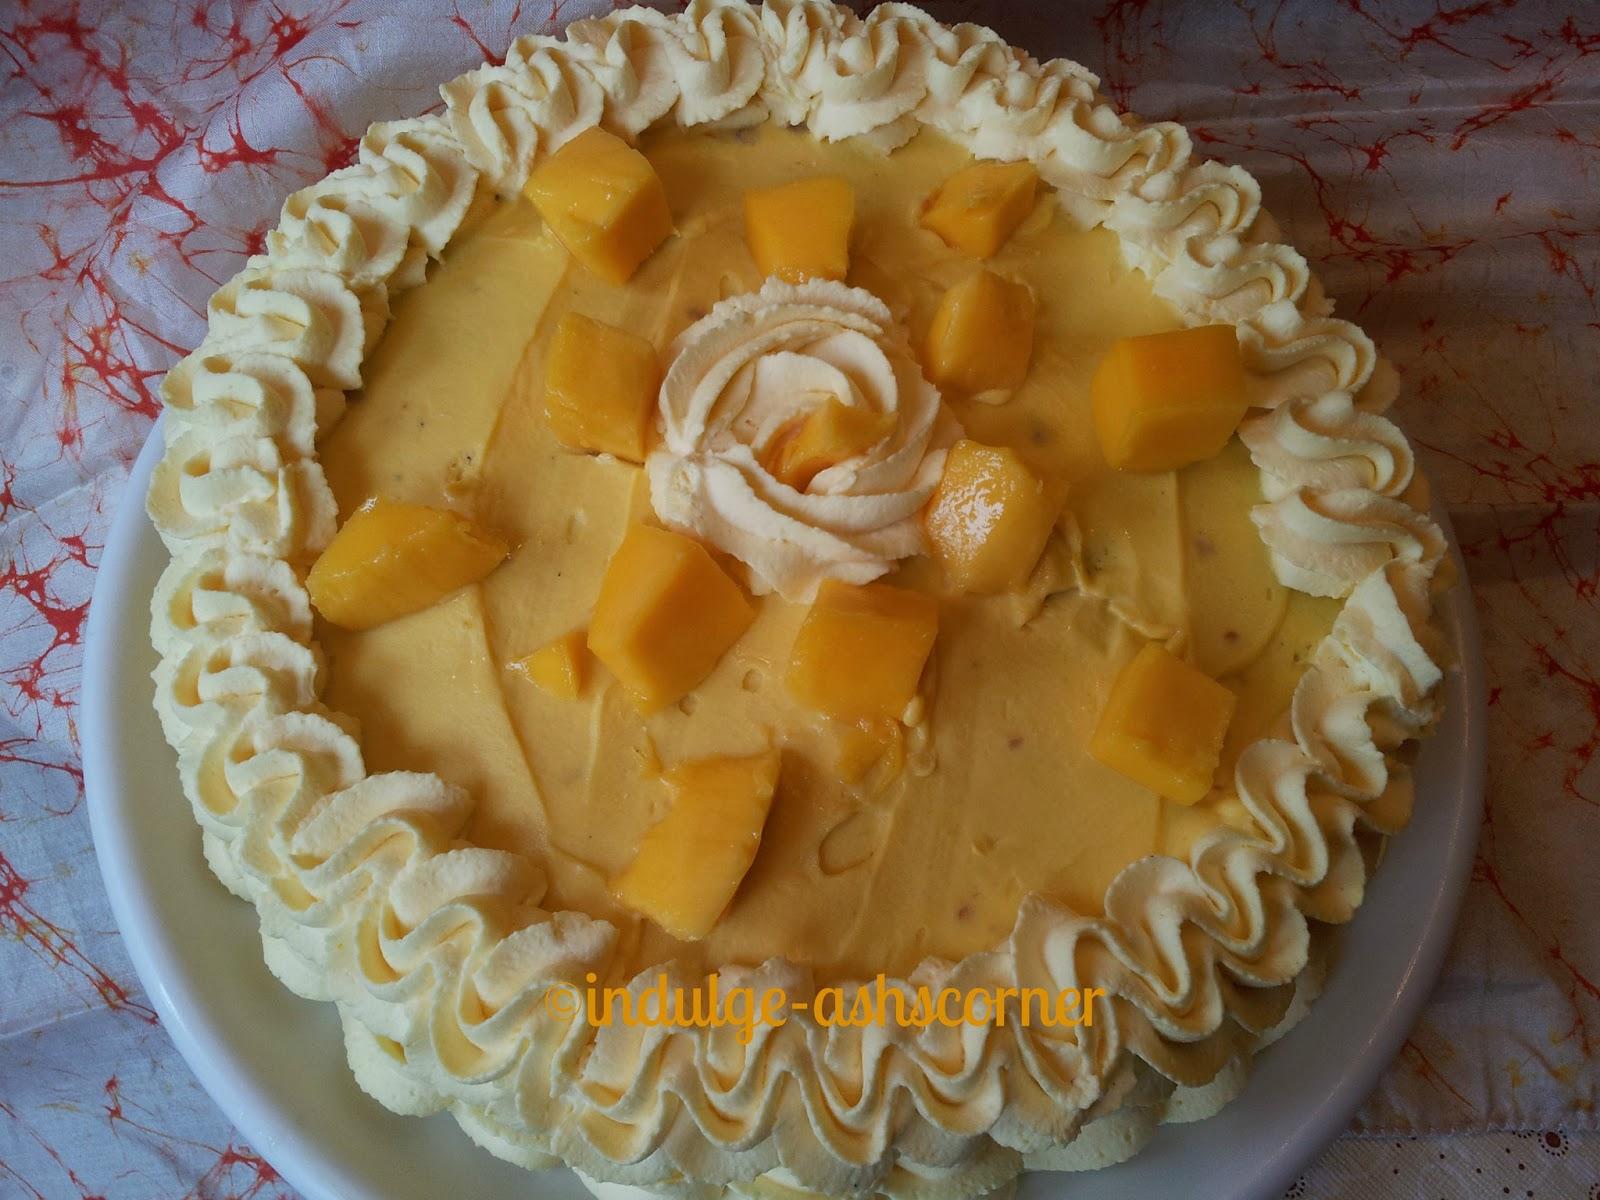 Cake Icing Recipes In Marathi: IndulgeAshscorner: Mango Cake With Mango White Choc Frosting